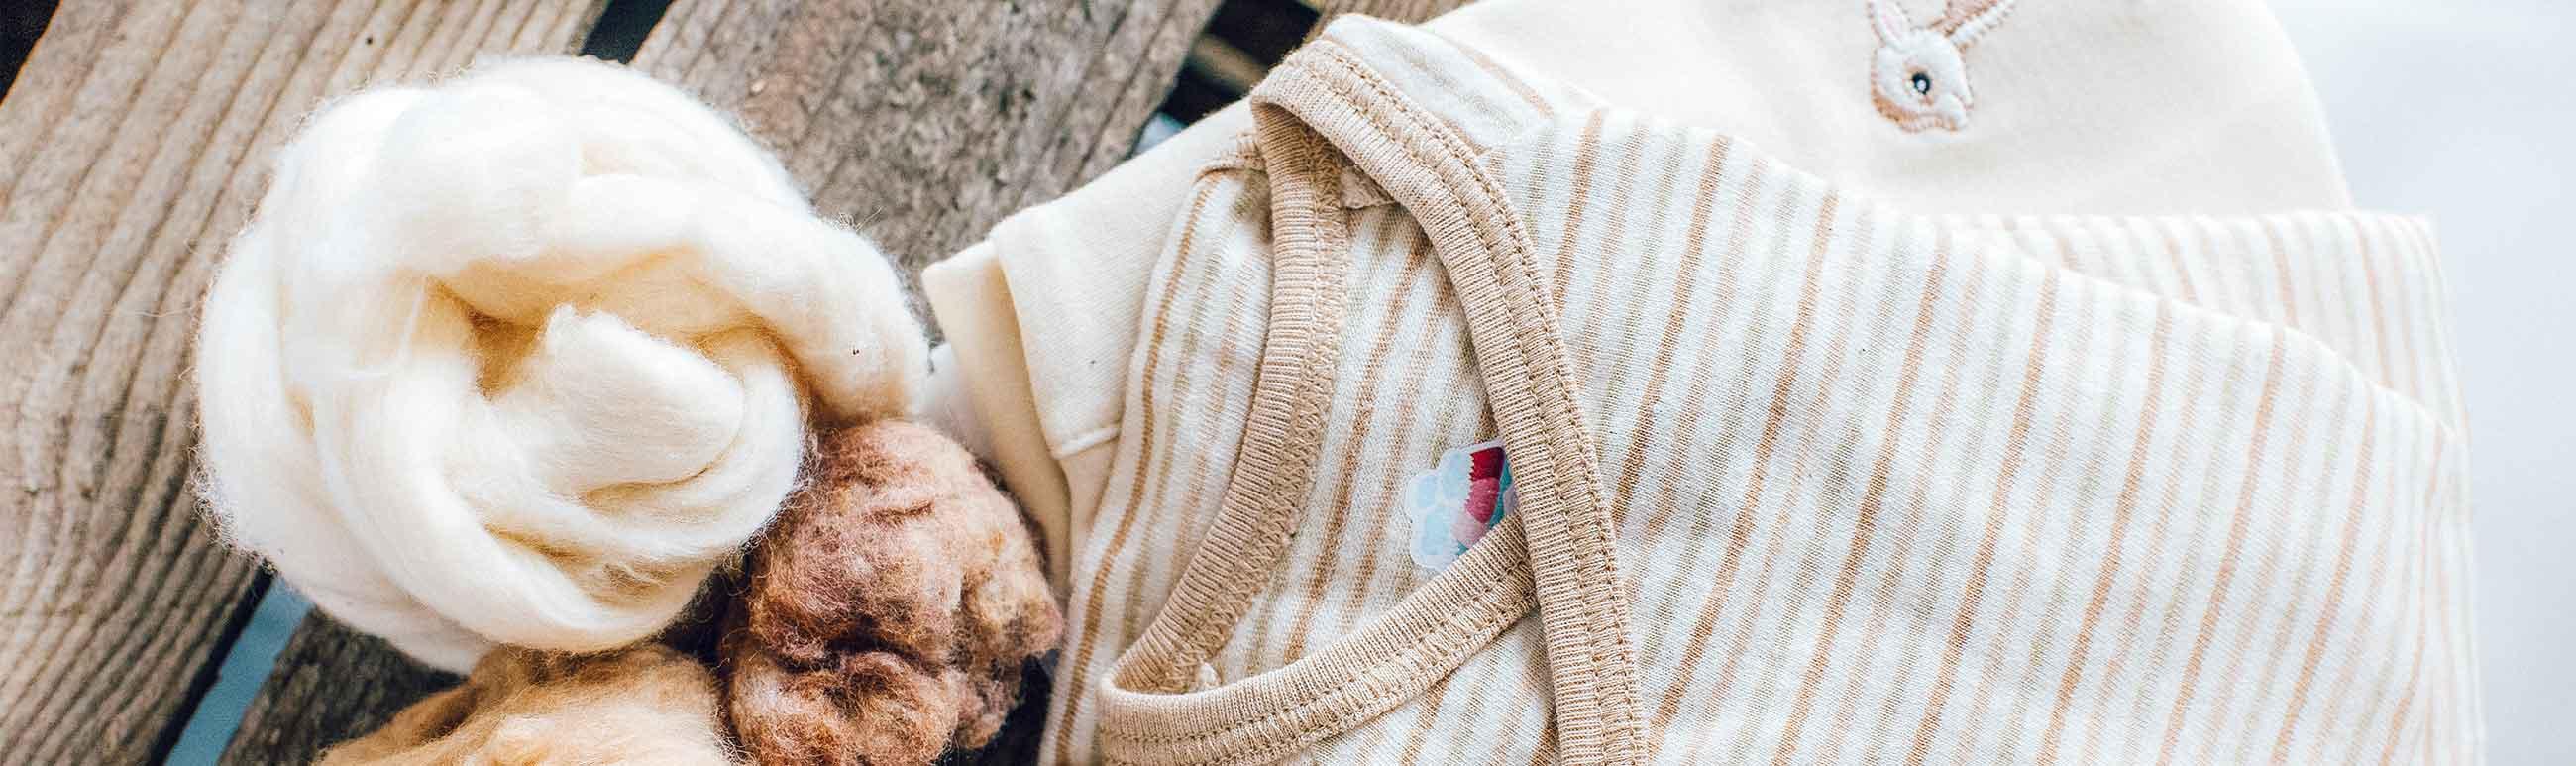 Babykleidung_Biobaumwolle_Pima_Tanguis_Cotton_Hautverträglich_Gesund_Schadstofffrei_Erstlingsset_Kliniktasche